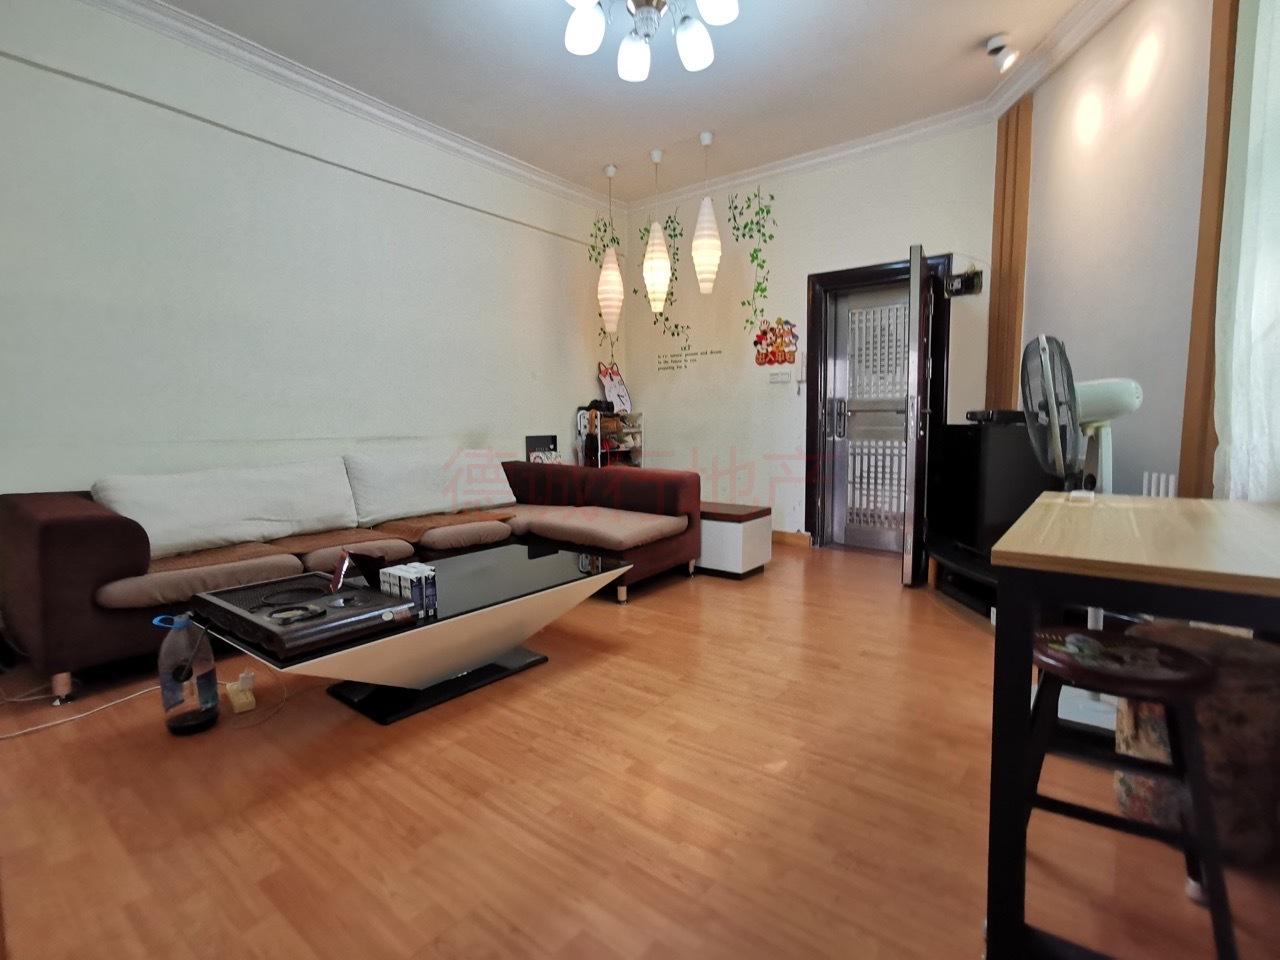 昌岗中路小区2室1厅1卫西北朝向仅278万元